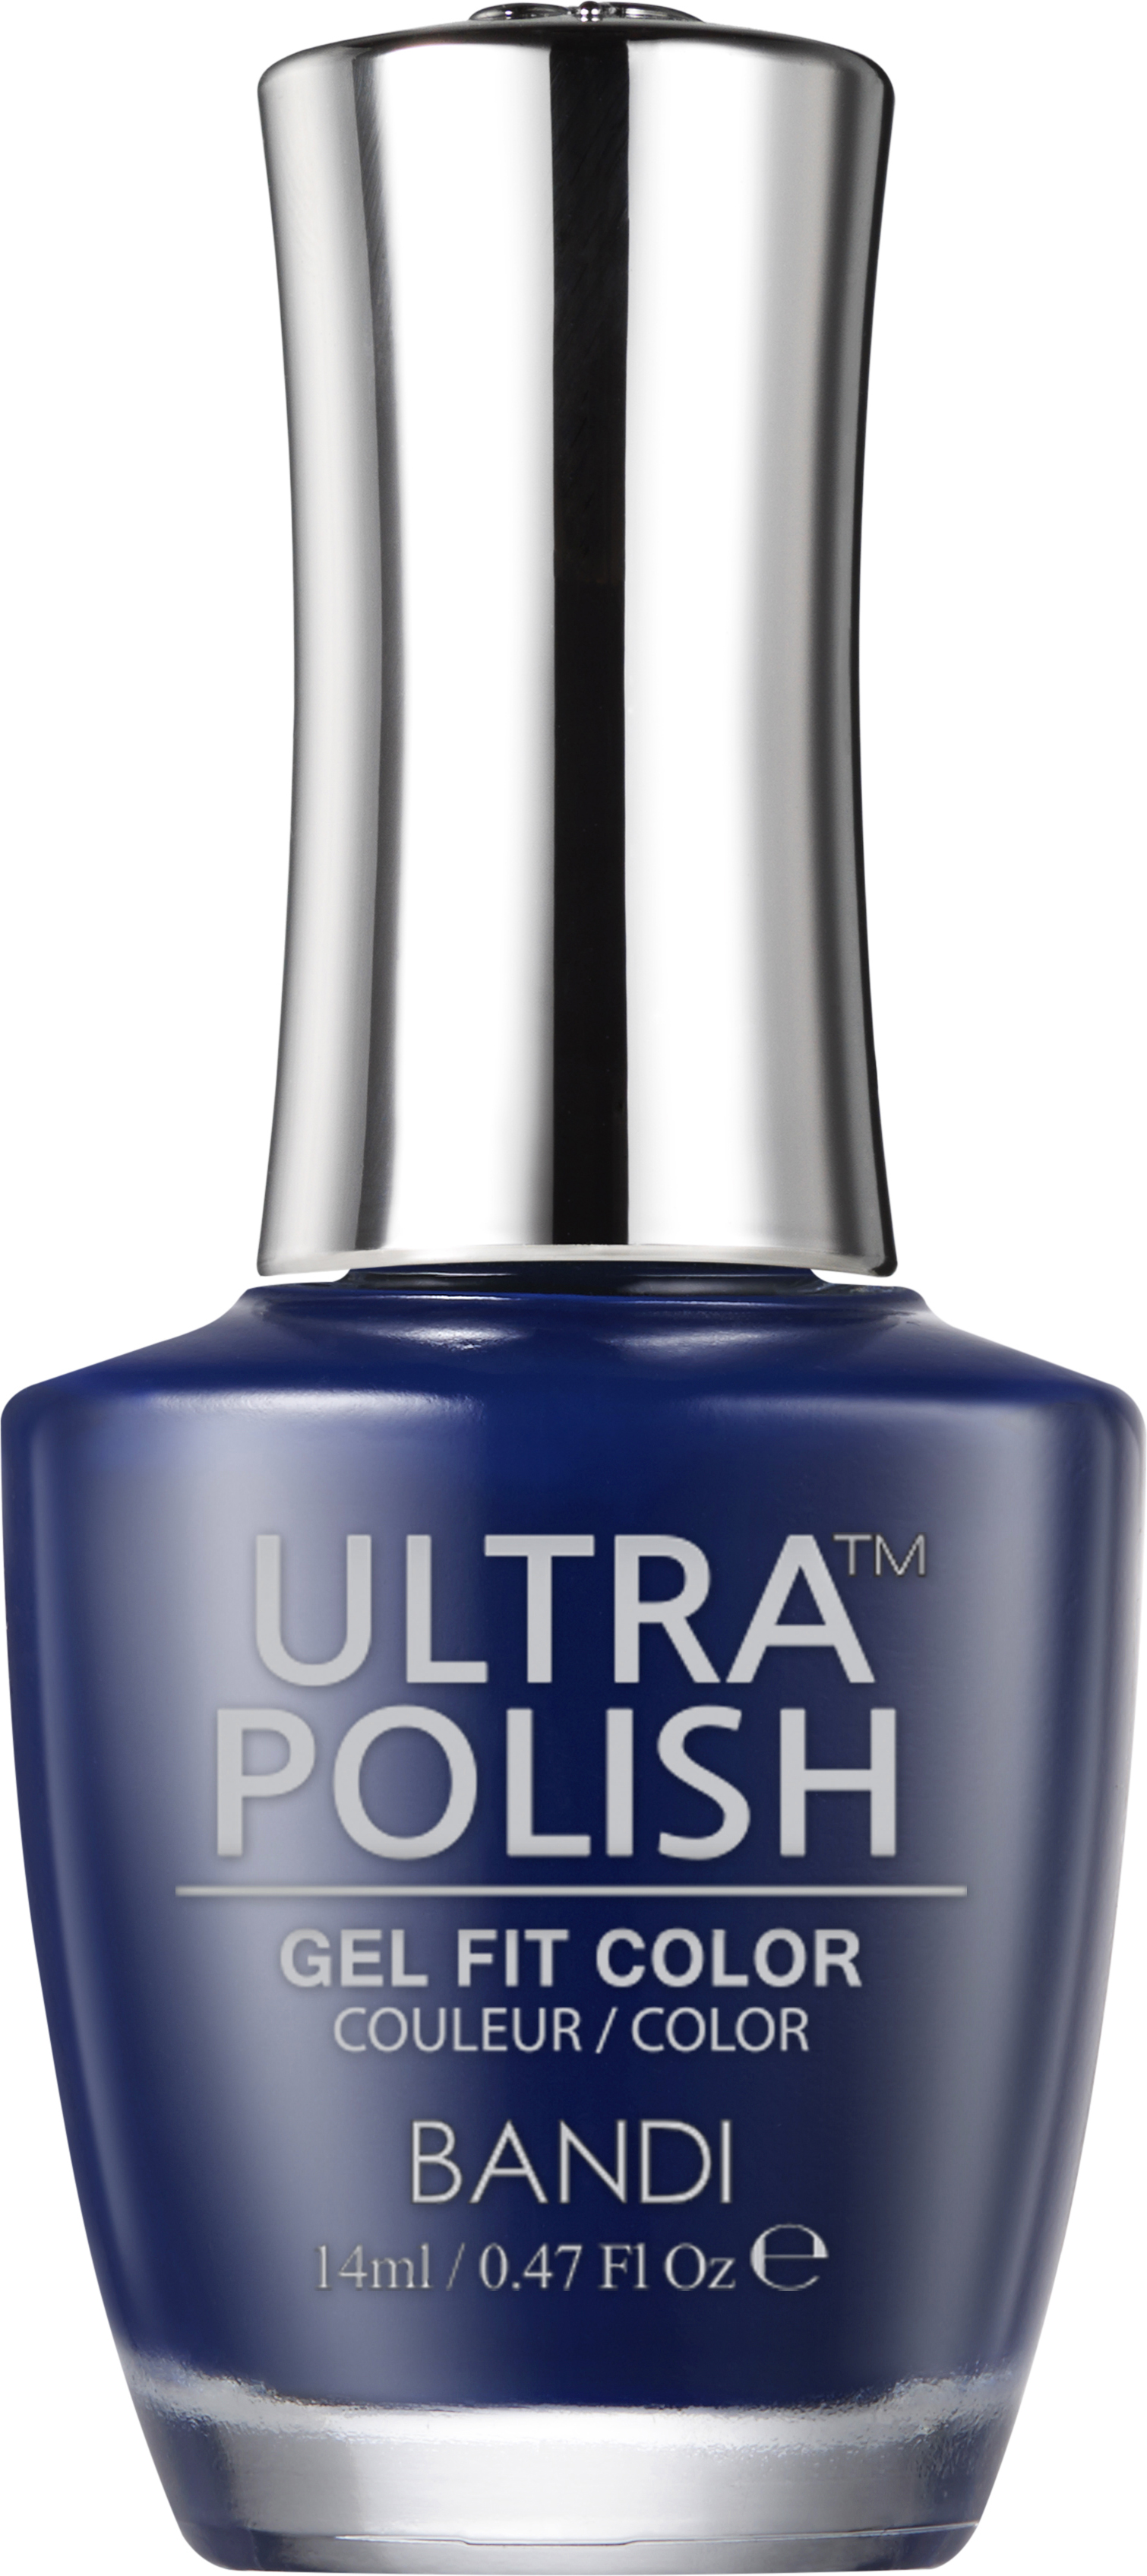 Купить BANDI UP407 ультра-покрытие долговременное цветное для ногтей / ULTRA POLISH GEL FIT COLOR 14 мл, Синие